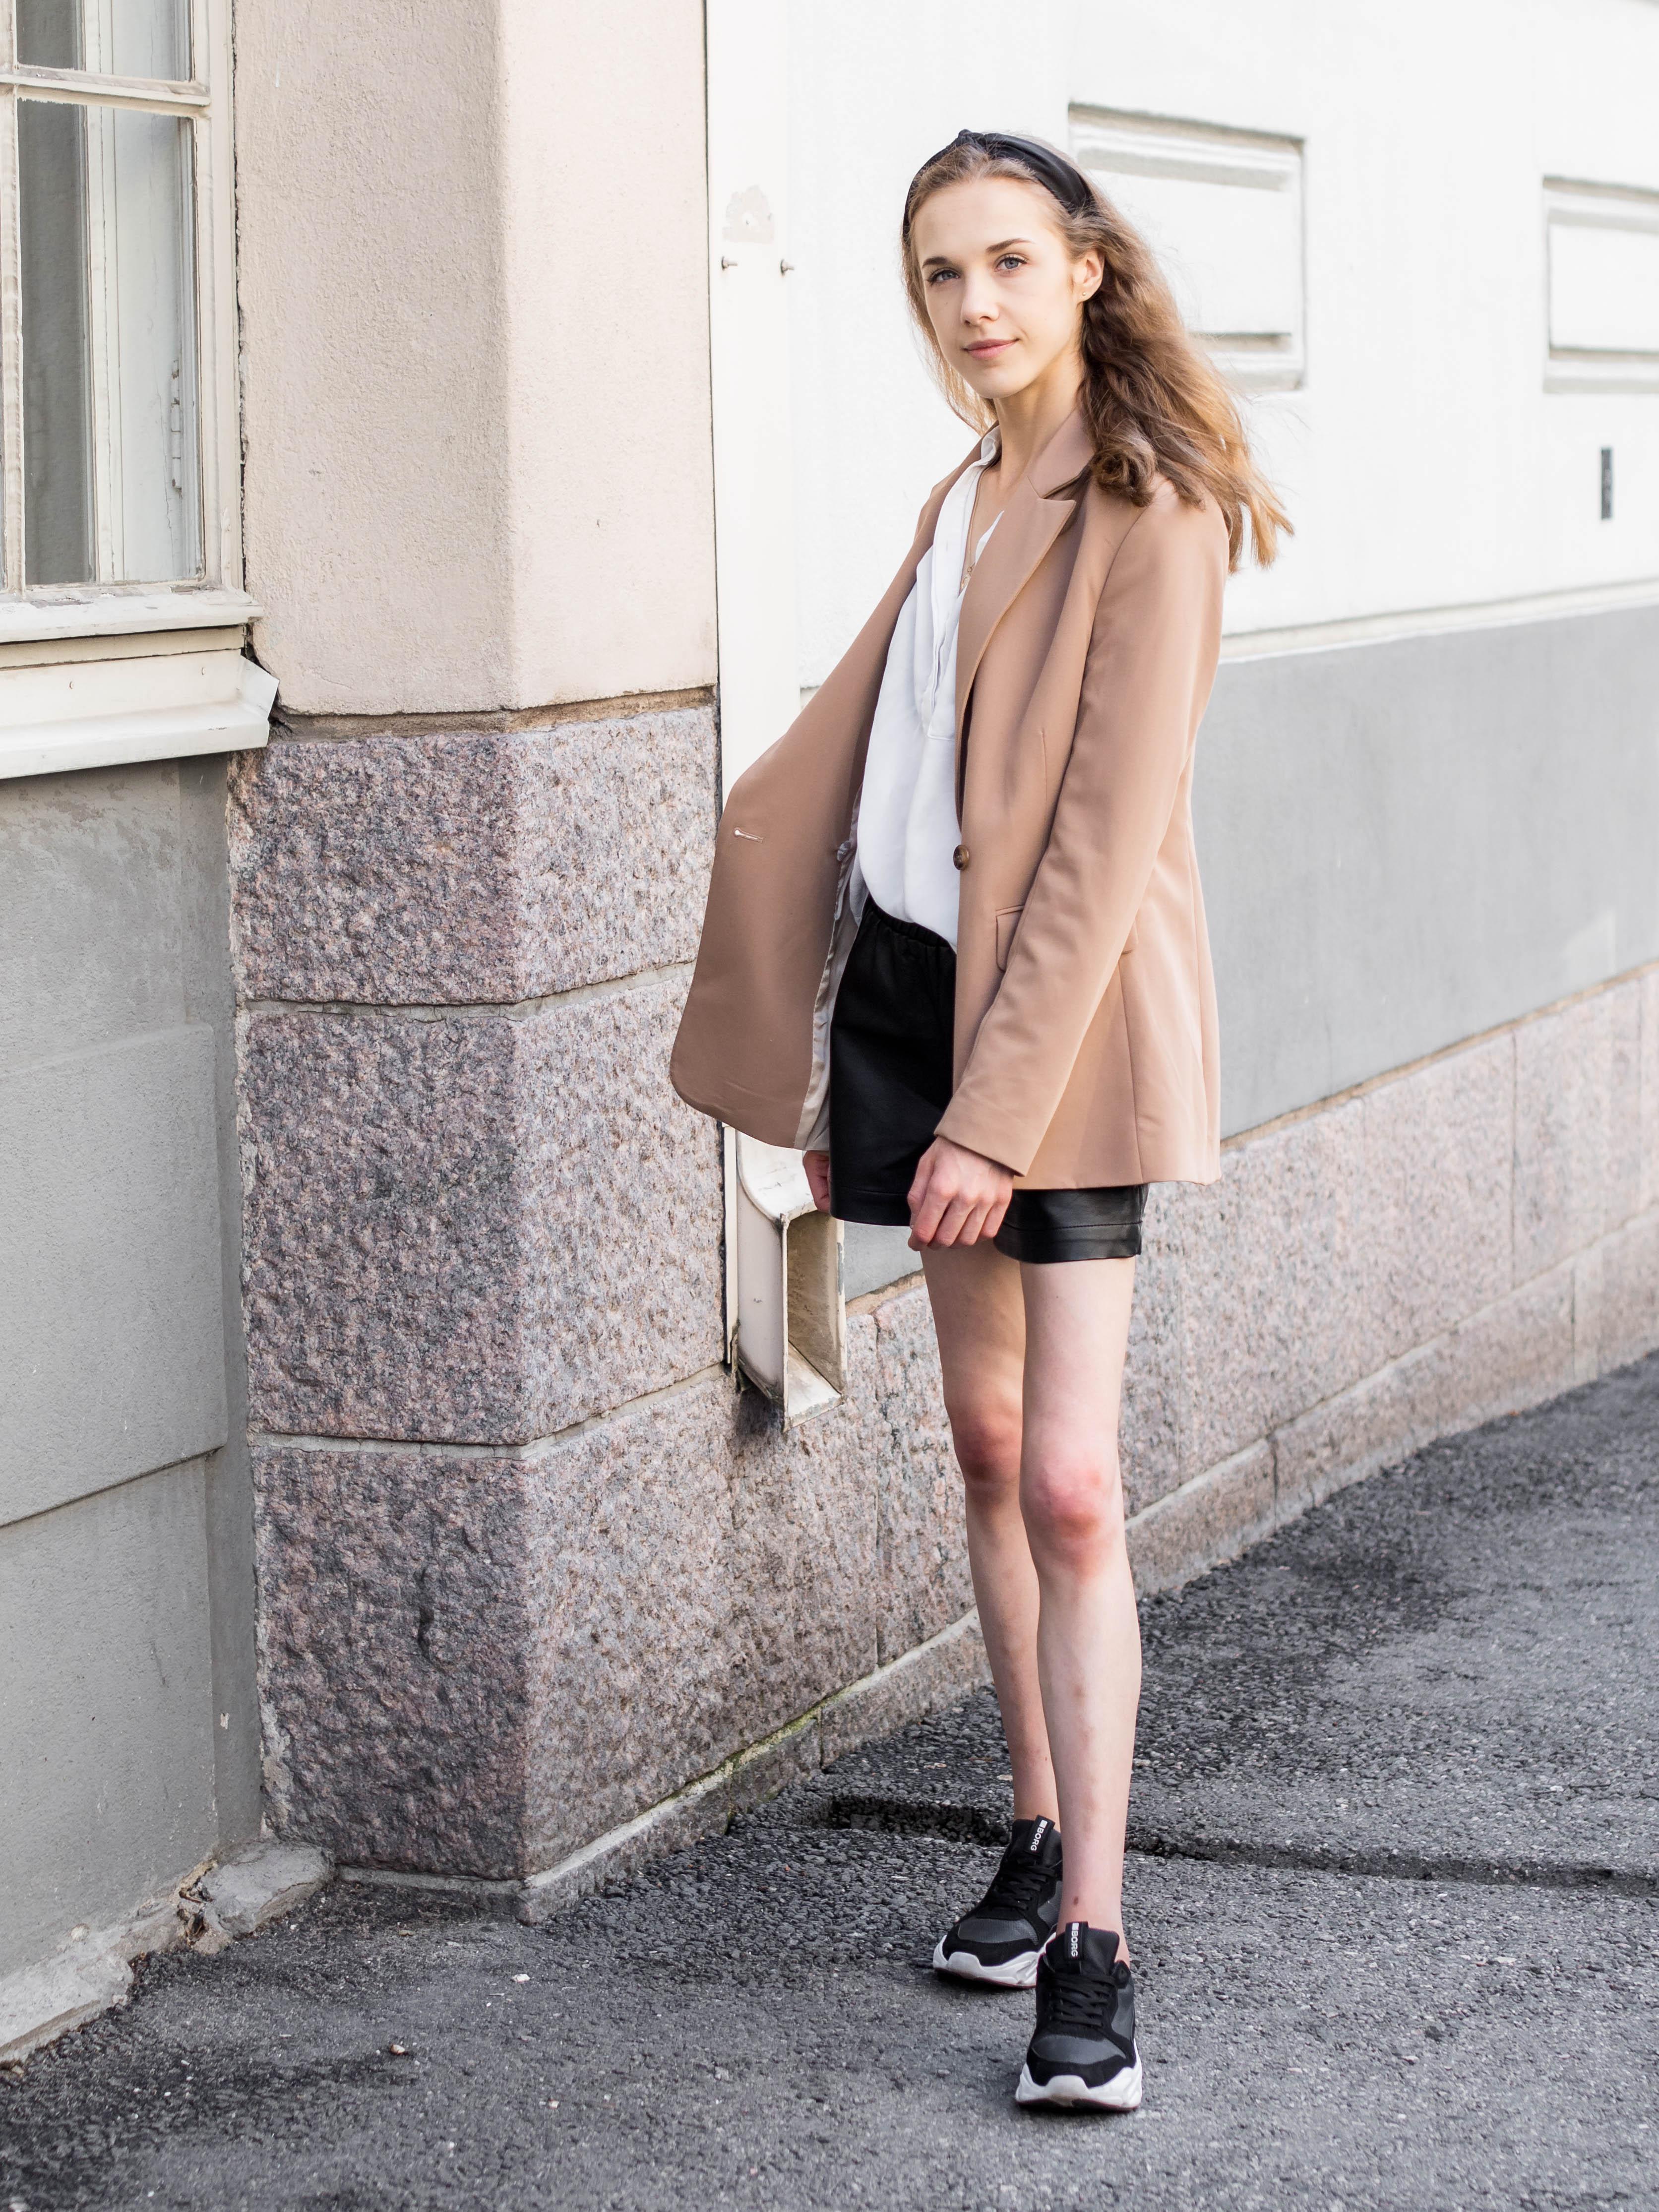 Scandinavian fashion blogger outfit, summer 2020 - Skandinaavinen tyyli, muotibloggaaja, kesämuoti 2020